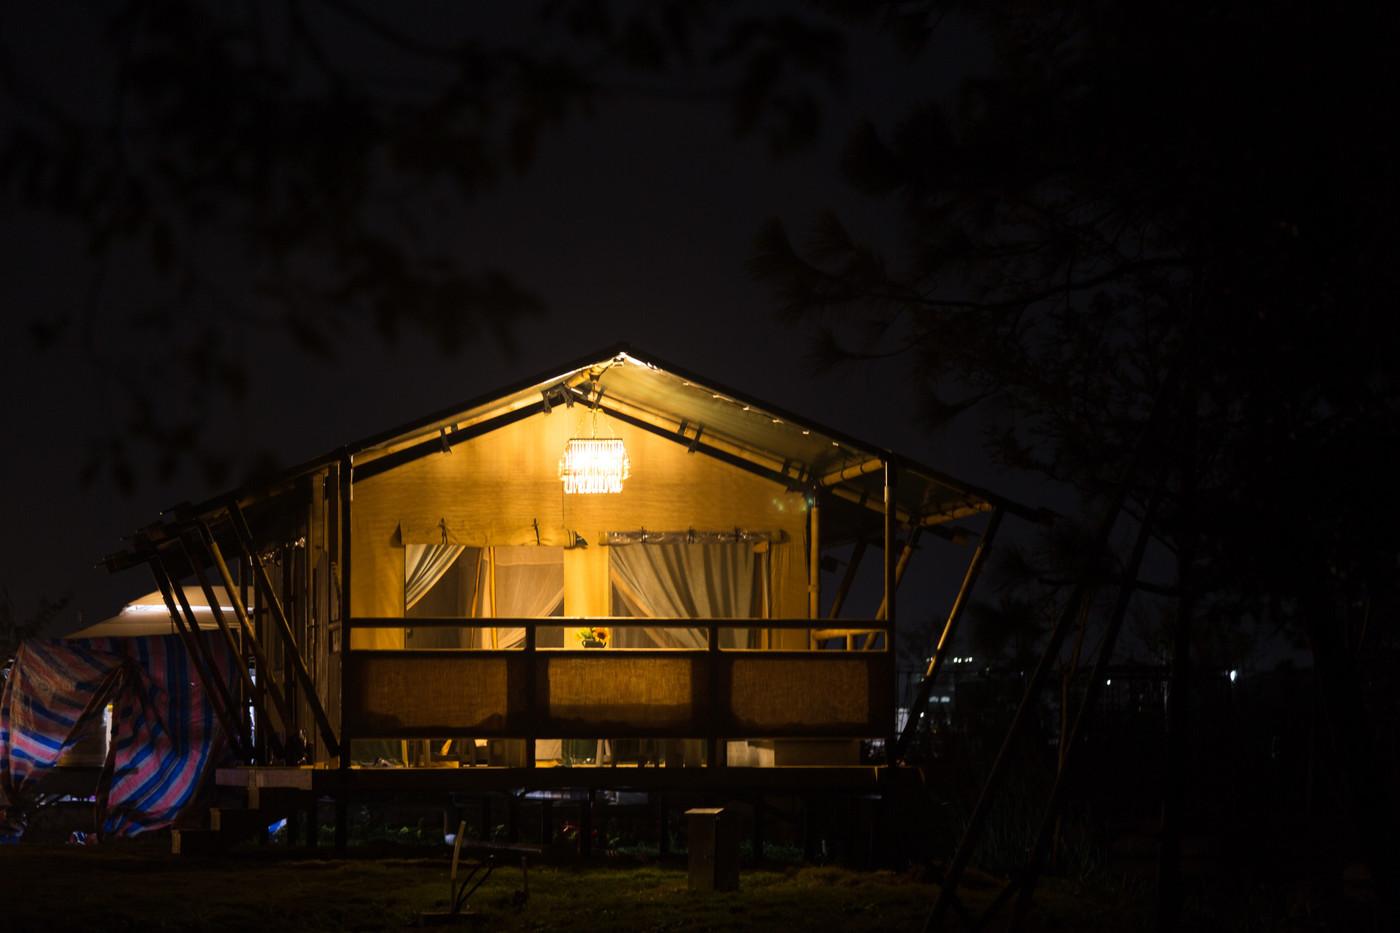 喜马拉雅野奢帐篷酒店—浙江留香之家露营地帐篷酒店(78平)19